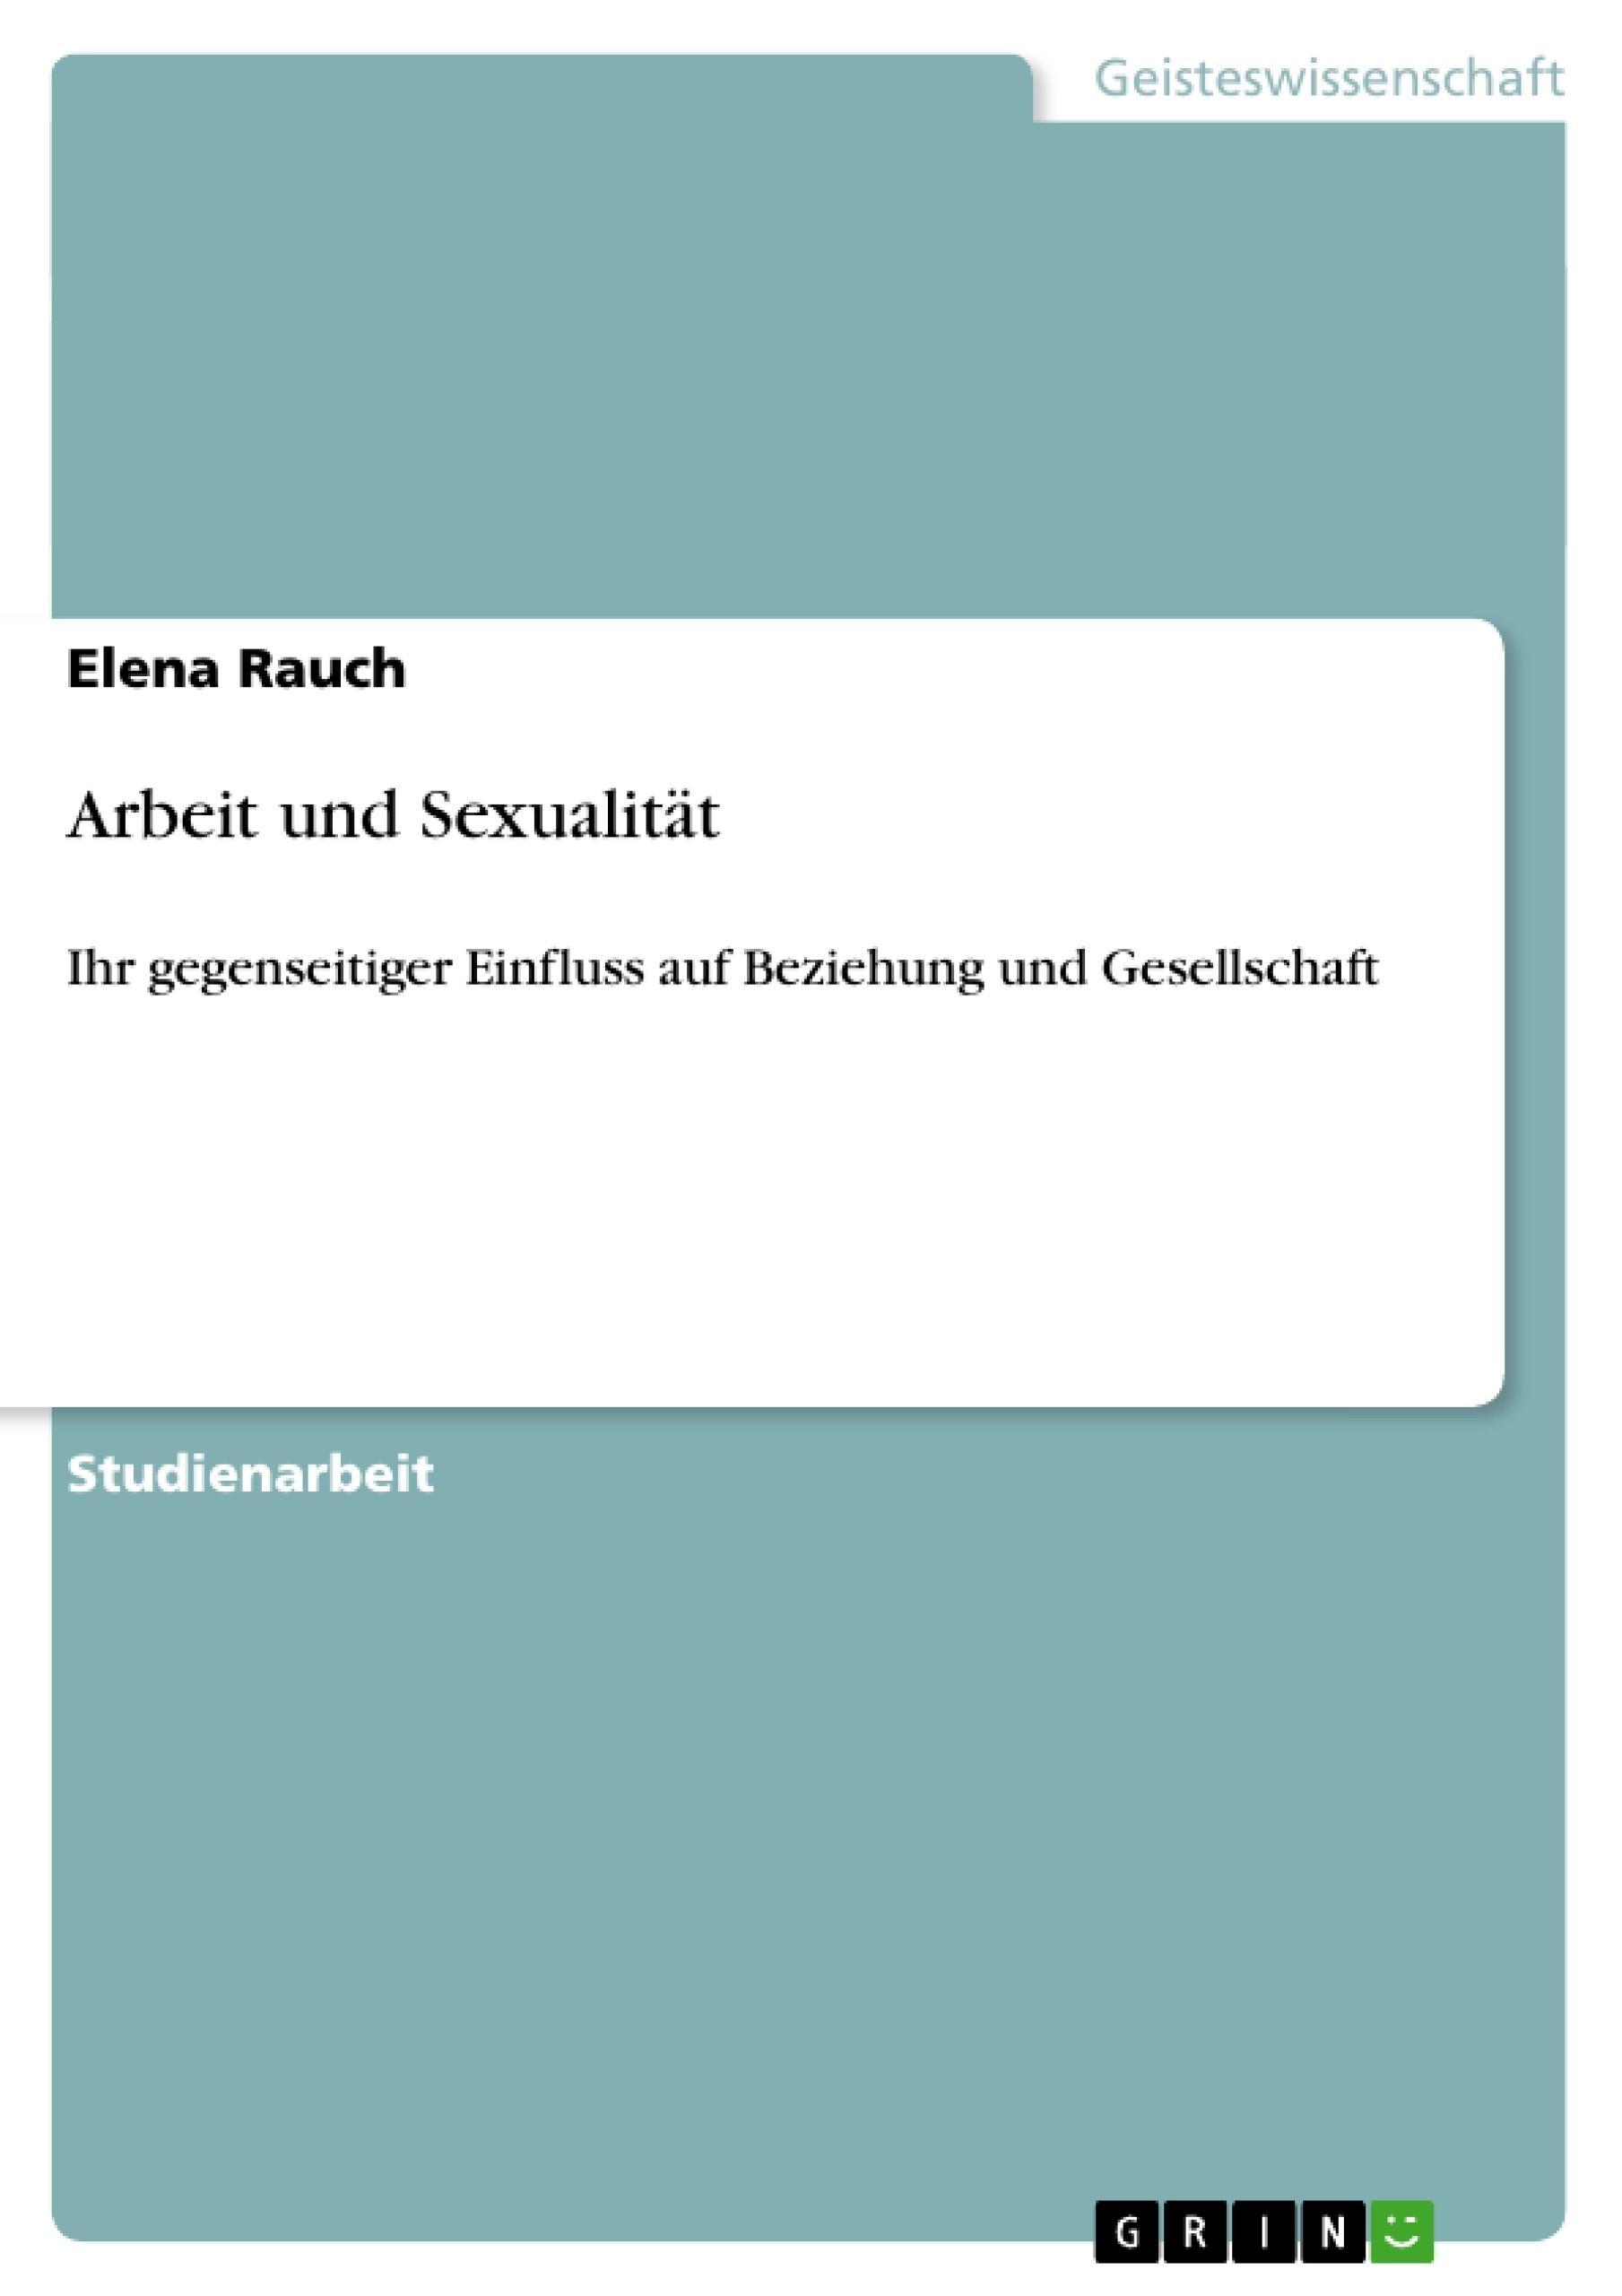 Titel: Arbeit und Sexualität